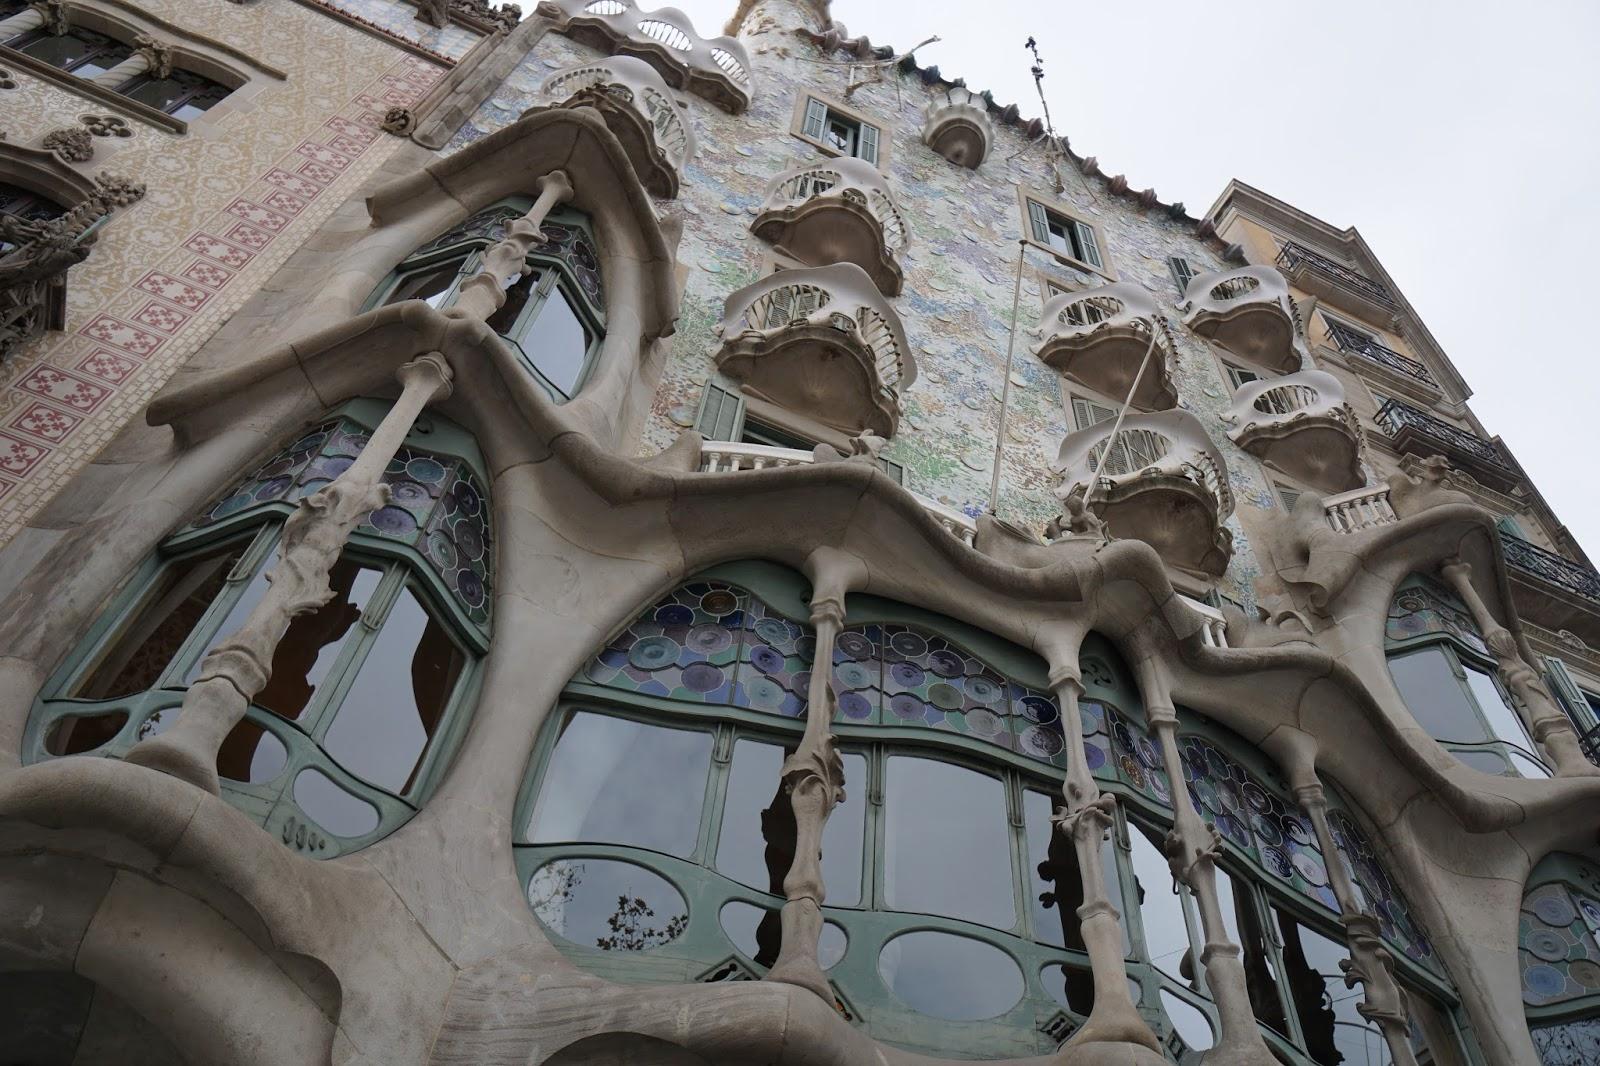 カサ・バトリョ(Casa Batlló)の正面窓